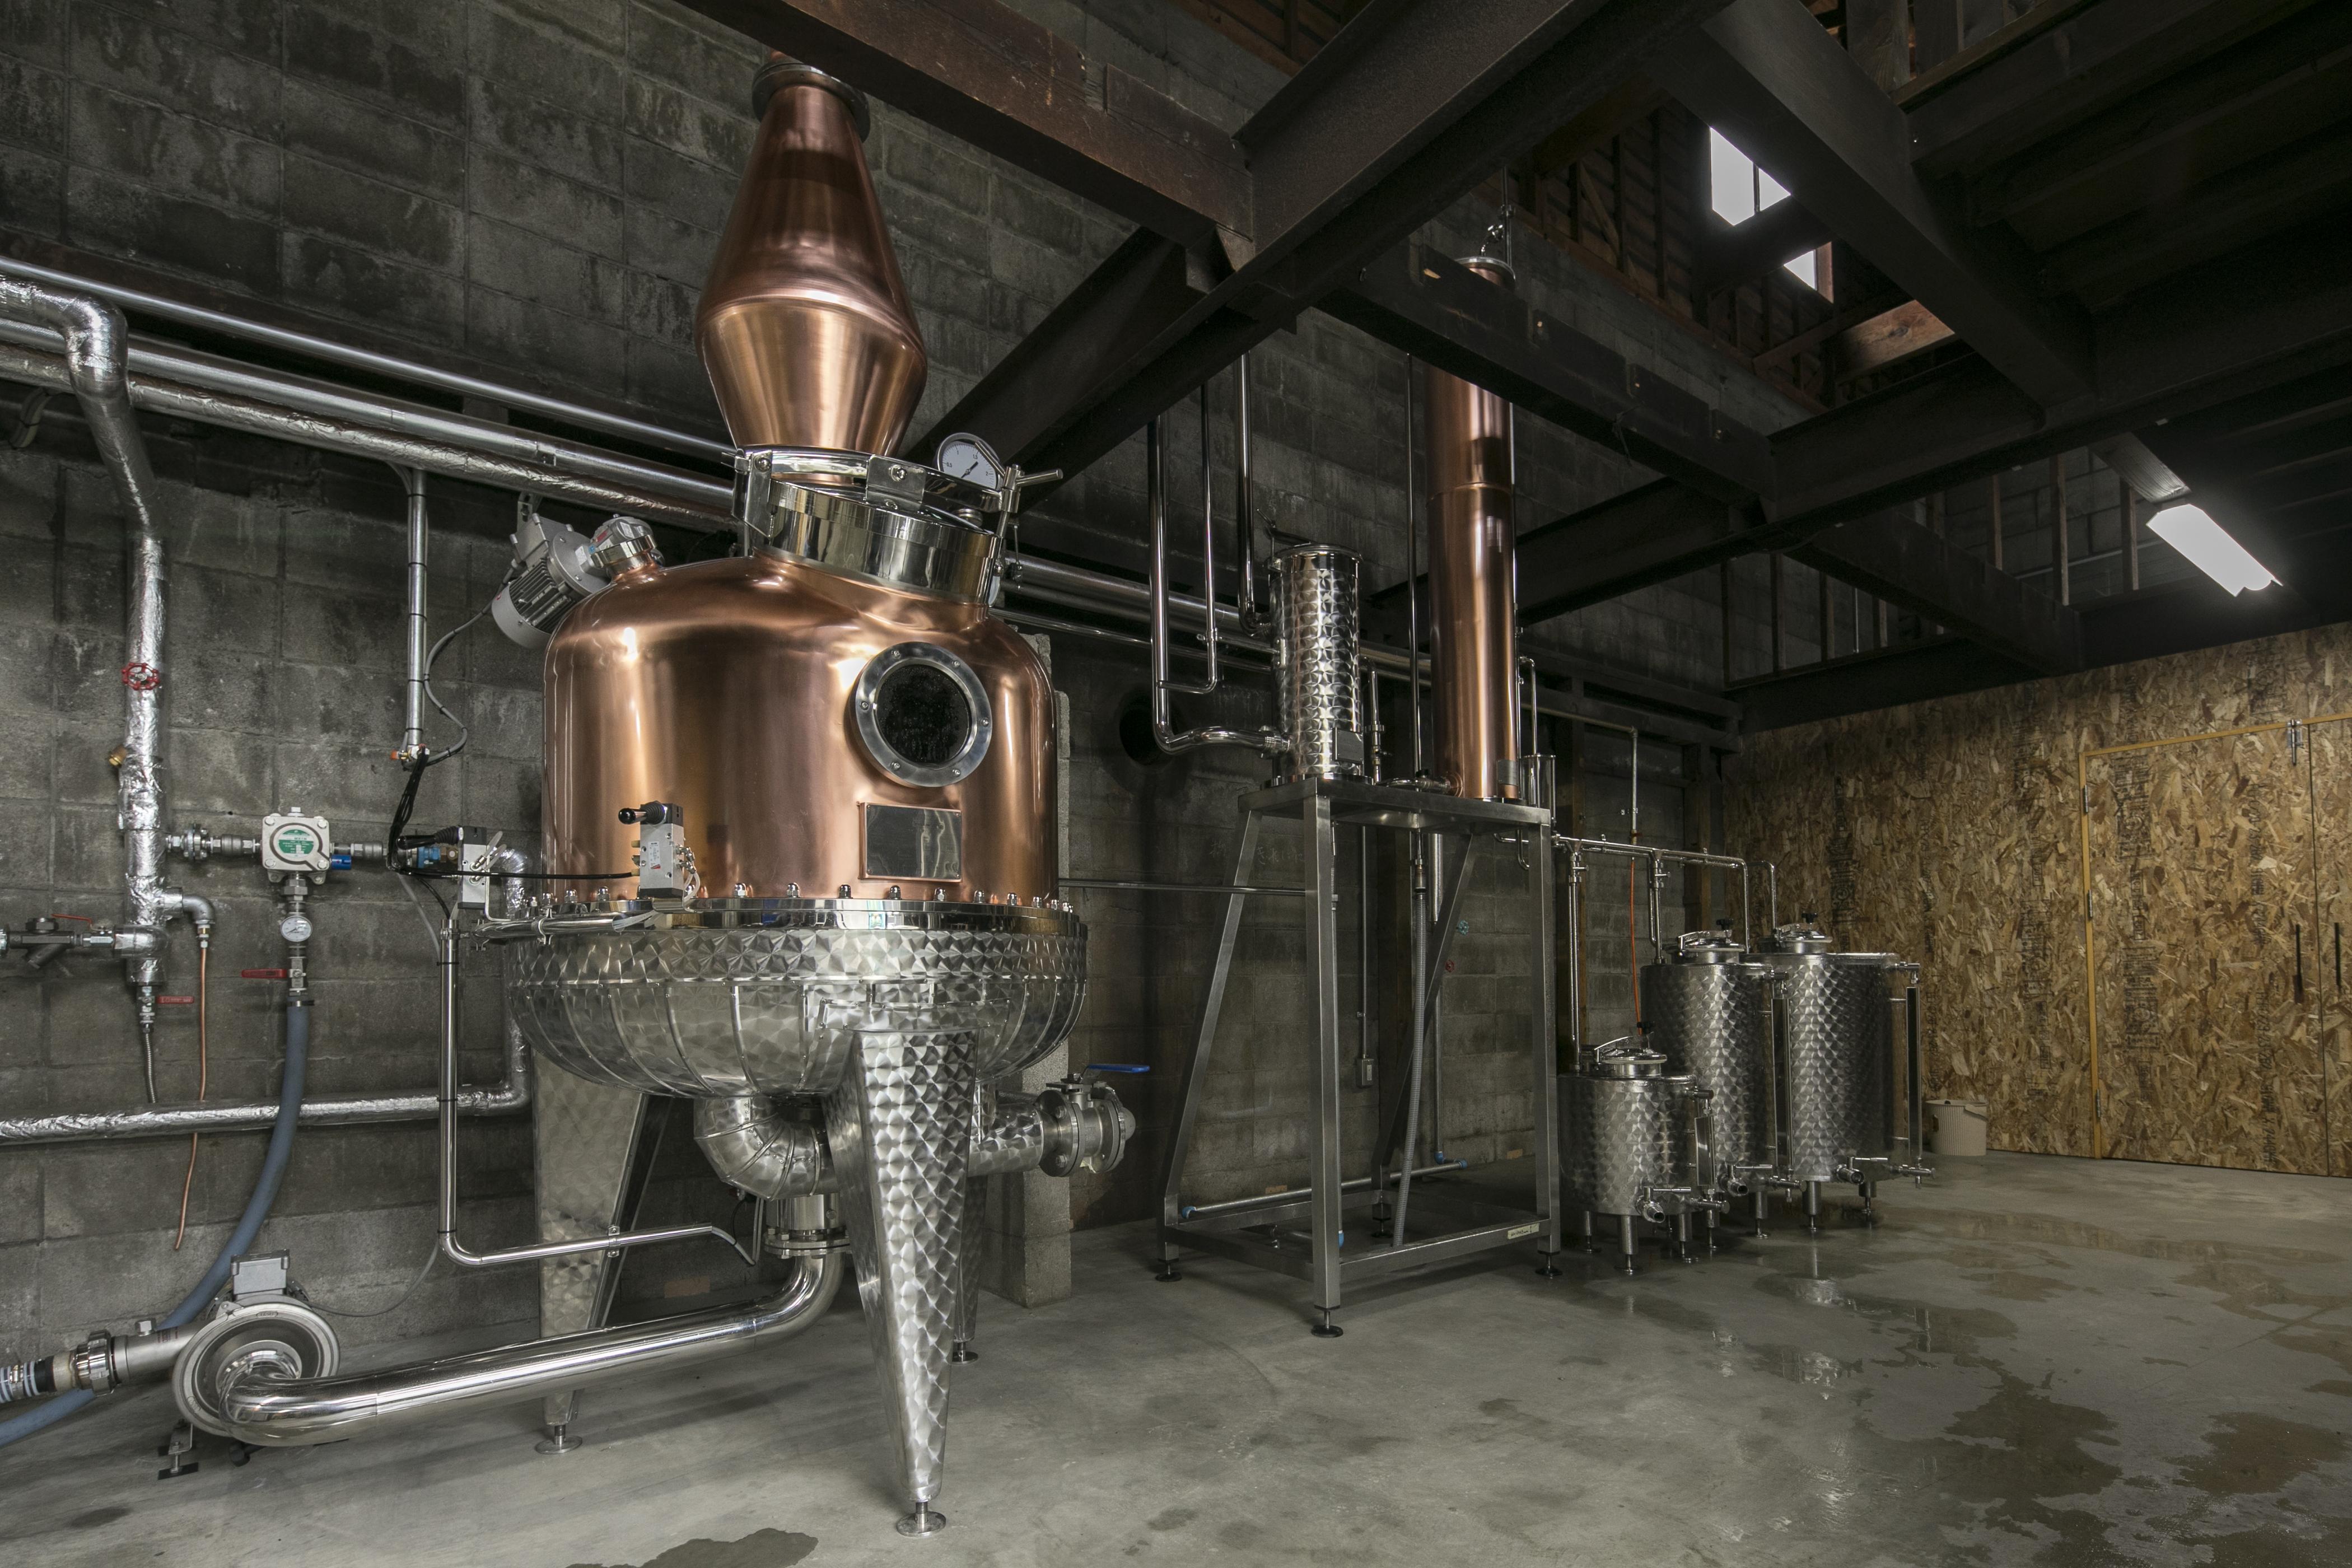 紅櫻蒸溜所が2018年4月26日開所します。